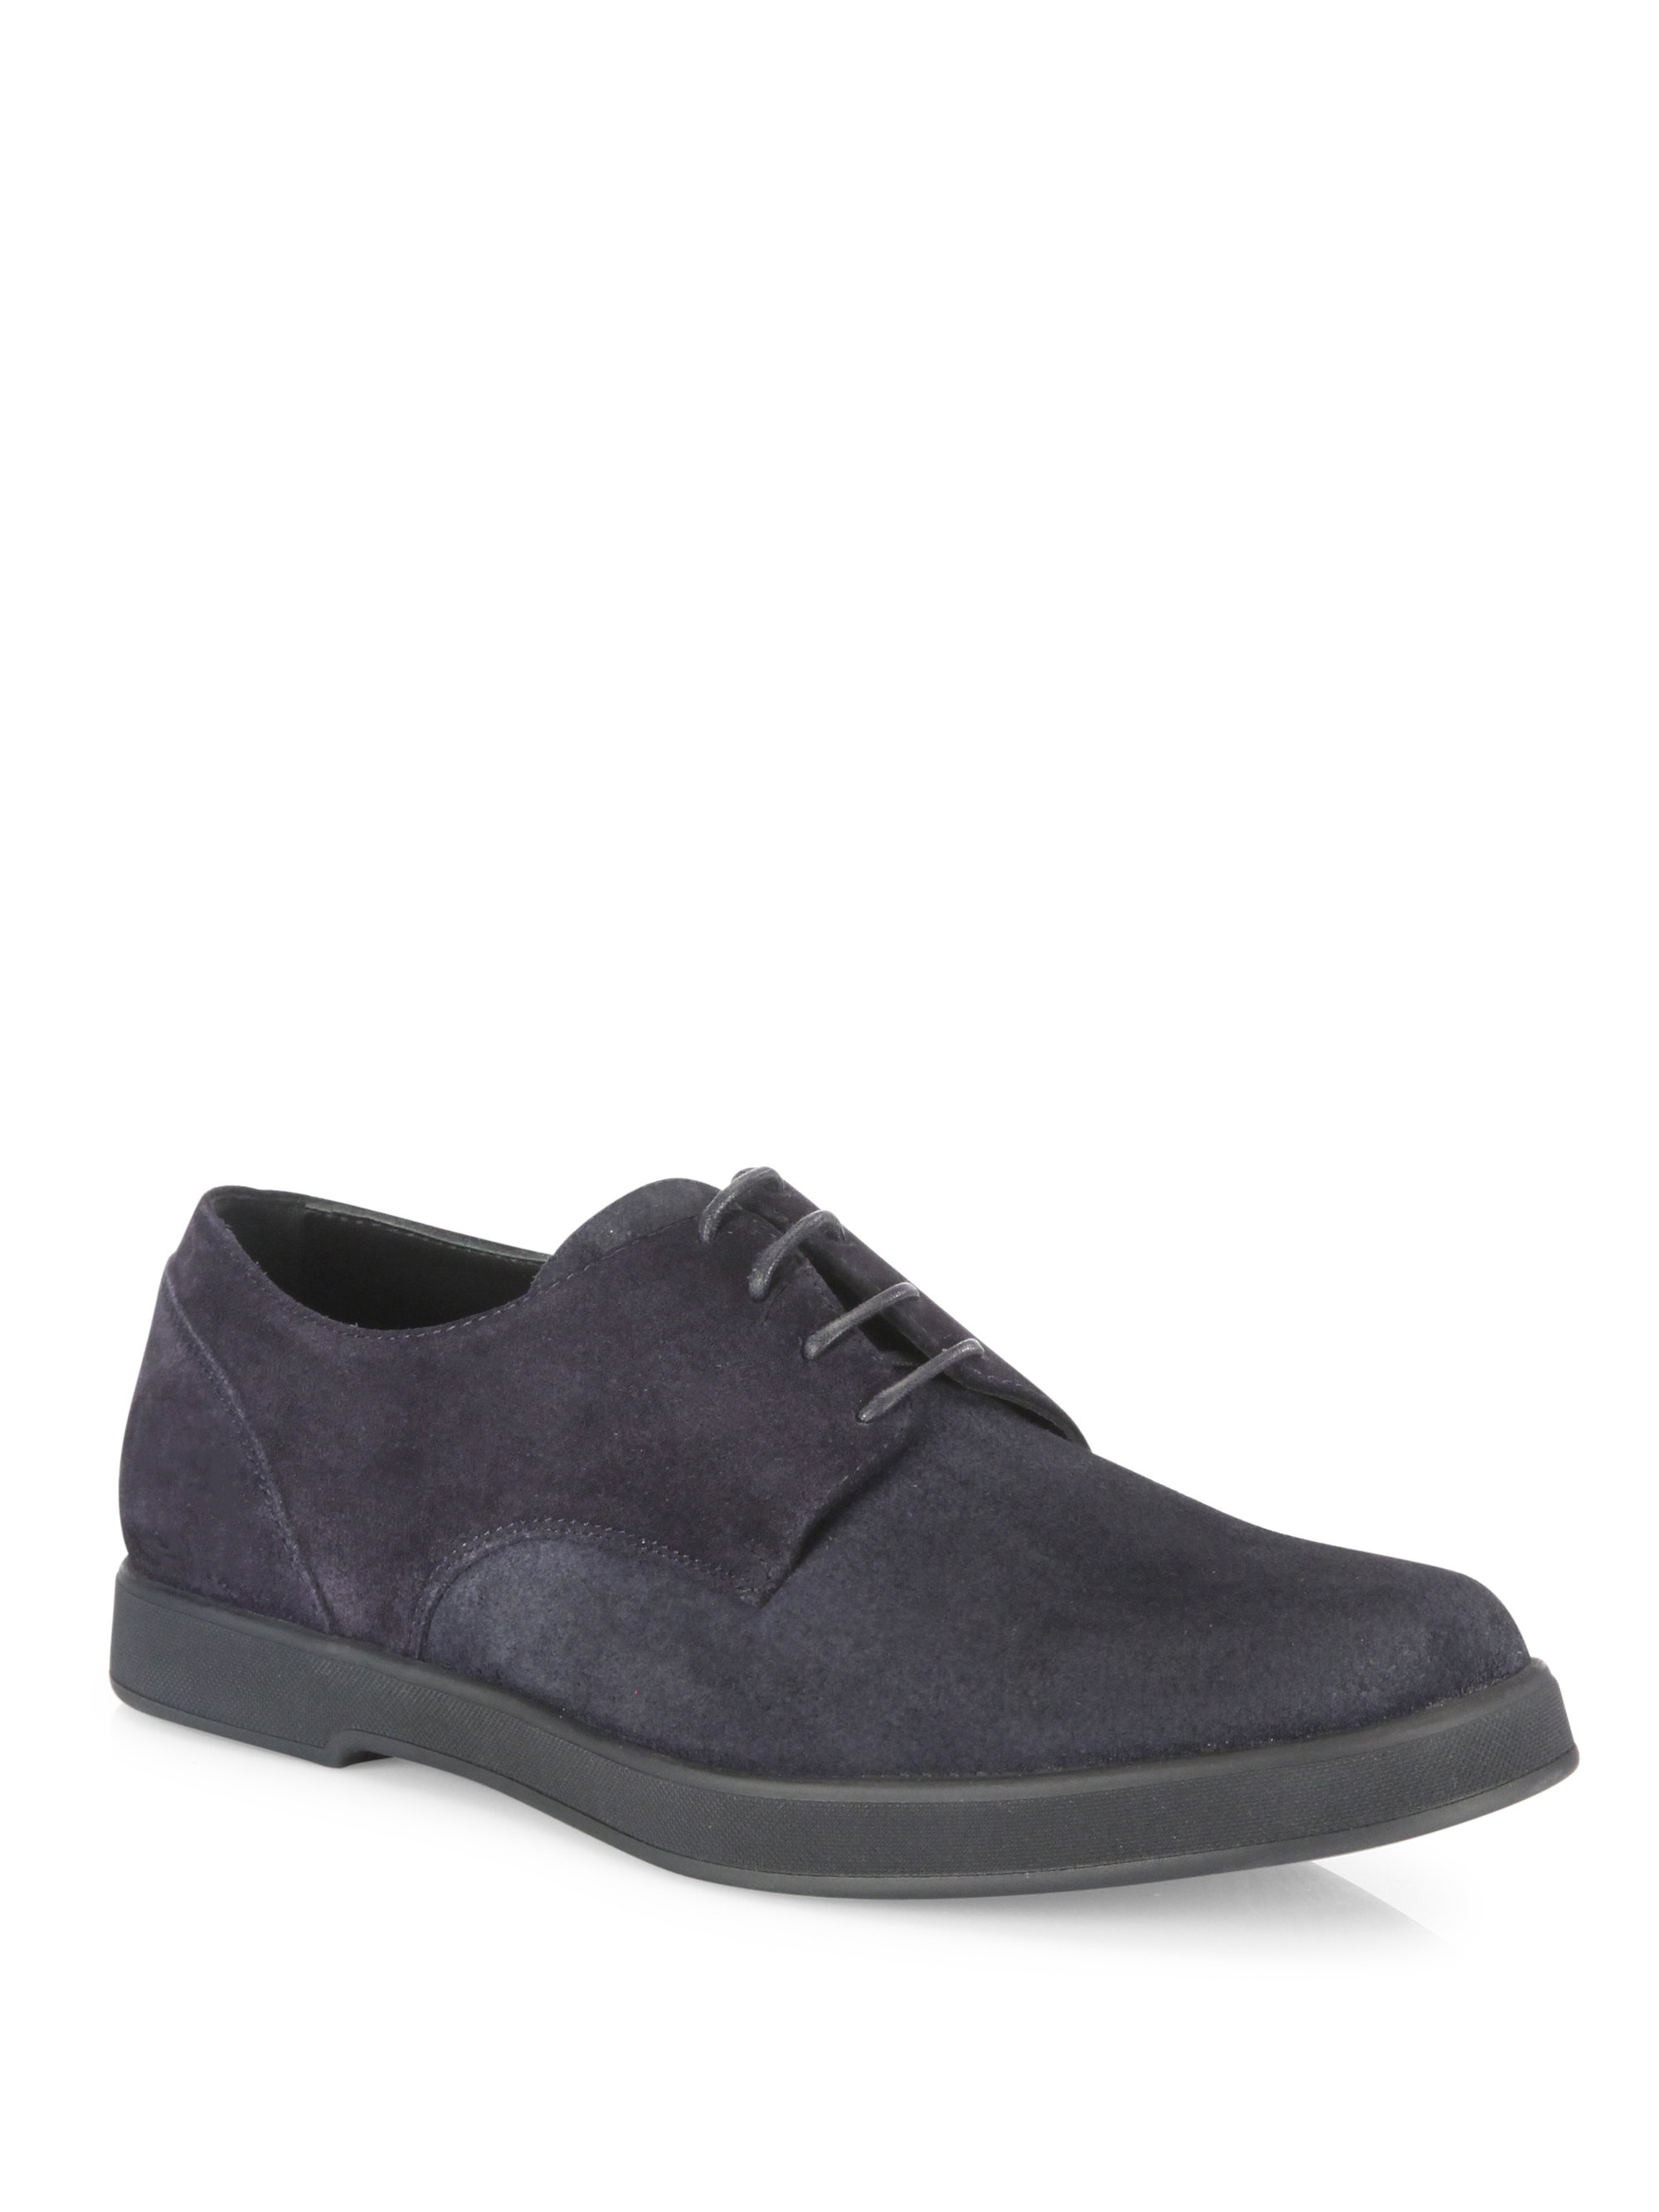 Ermenegildo Zegna Solid Suede Lace Up Shoes